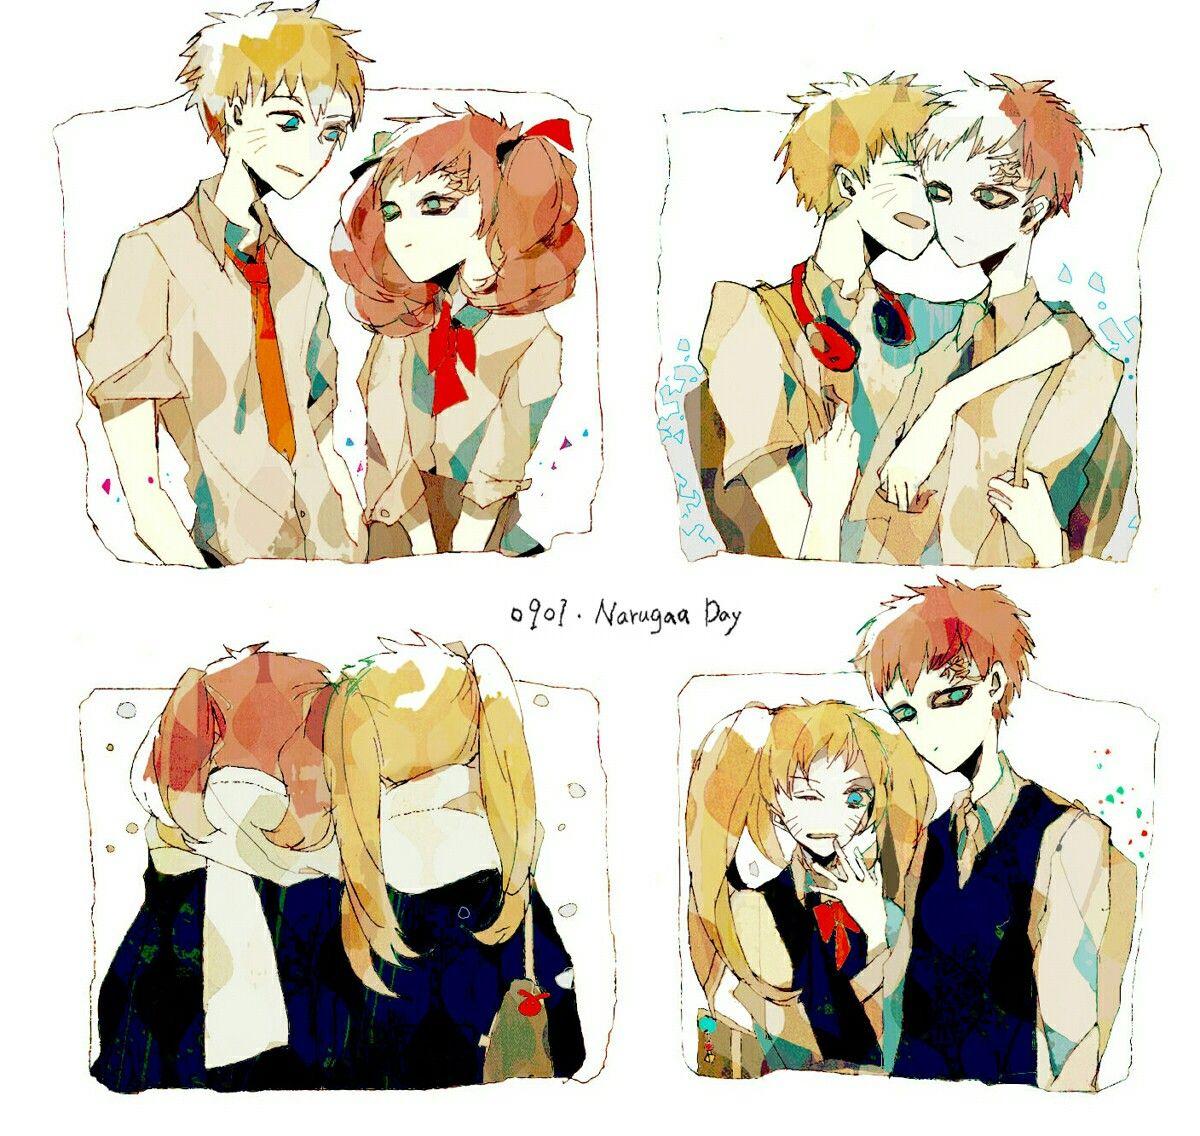 Anime Naruto Shippuden Boruto The Origin Of The Name: Naruto Y Gaara Narugaa